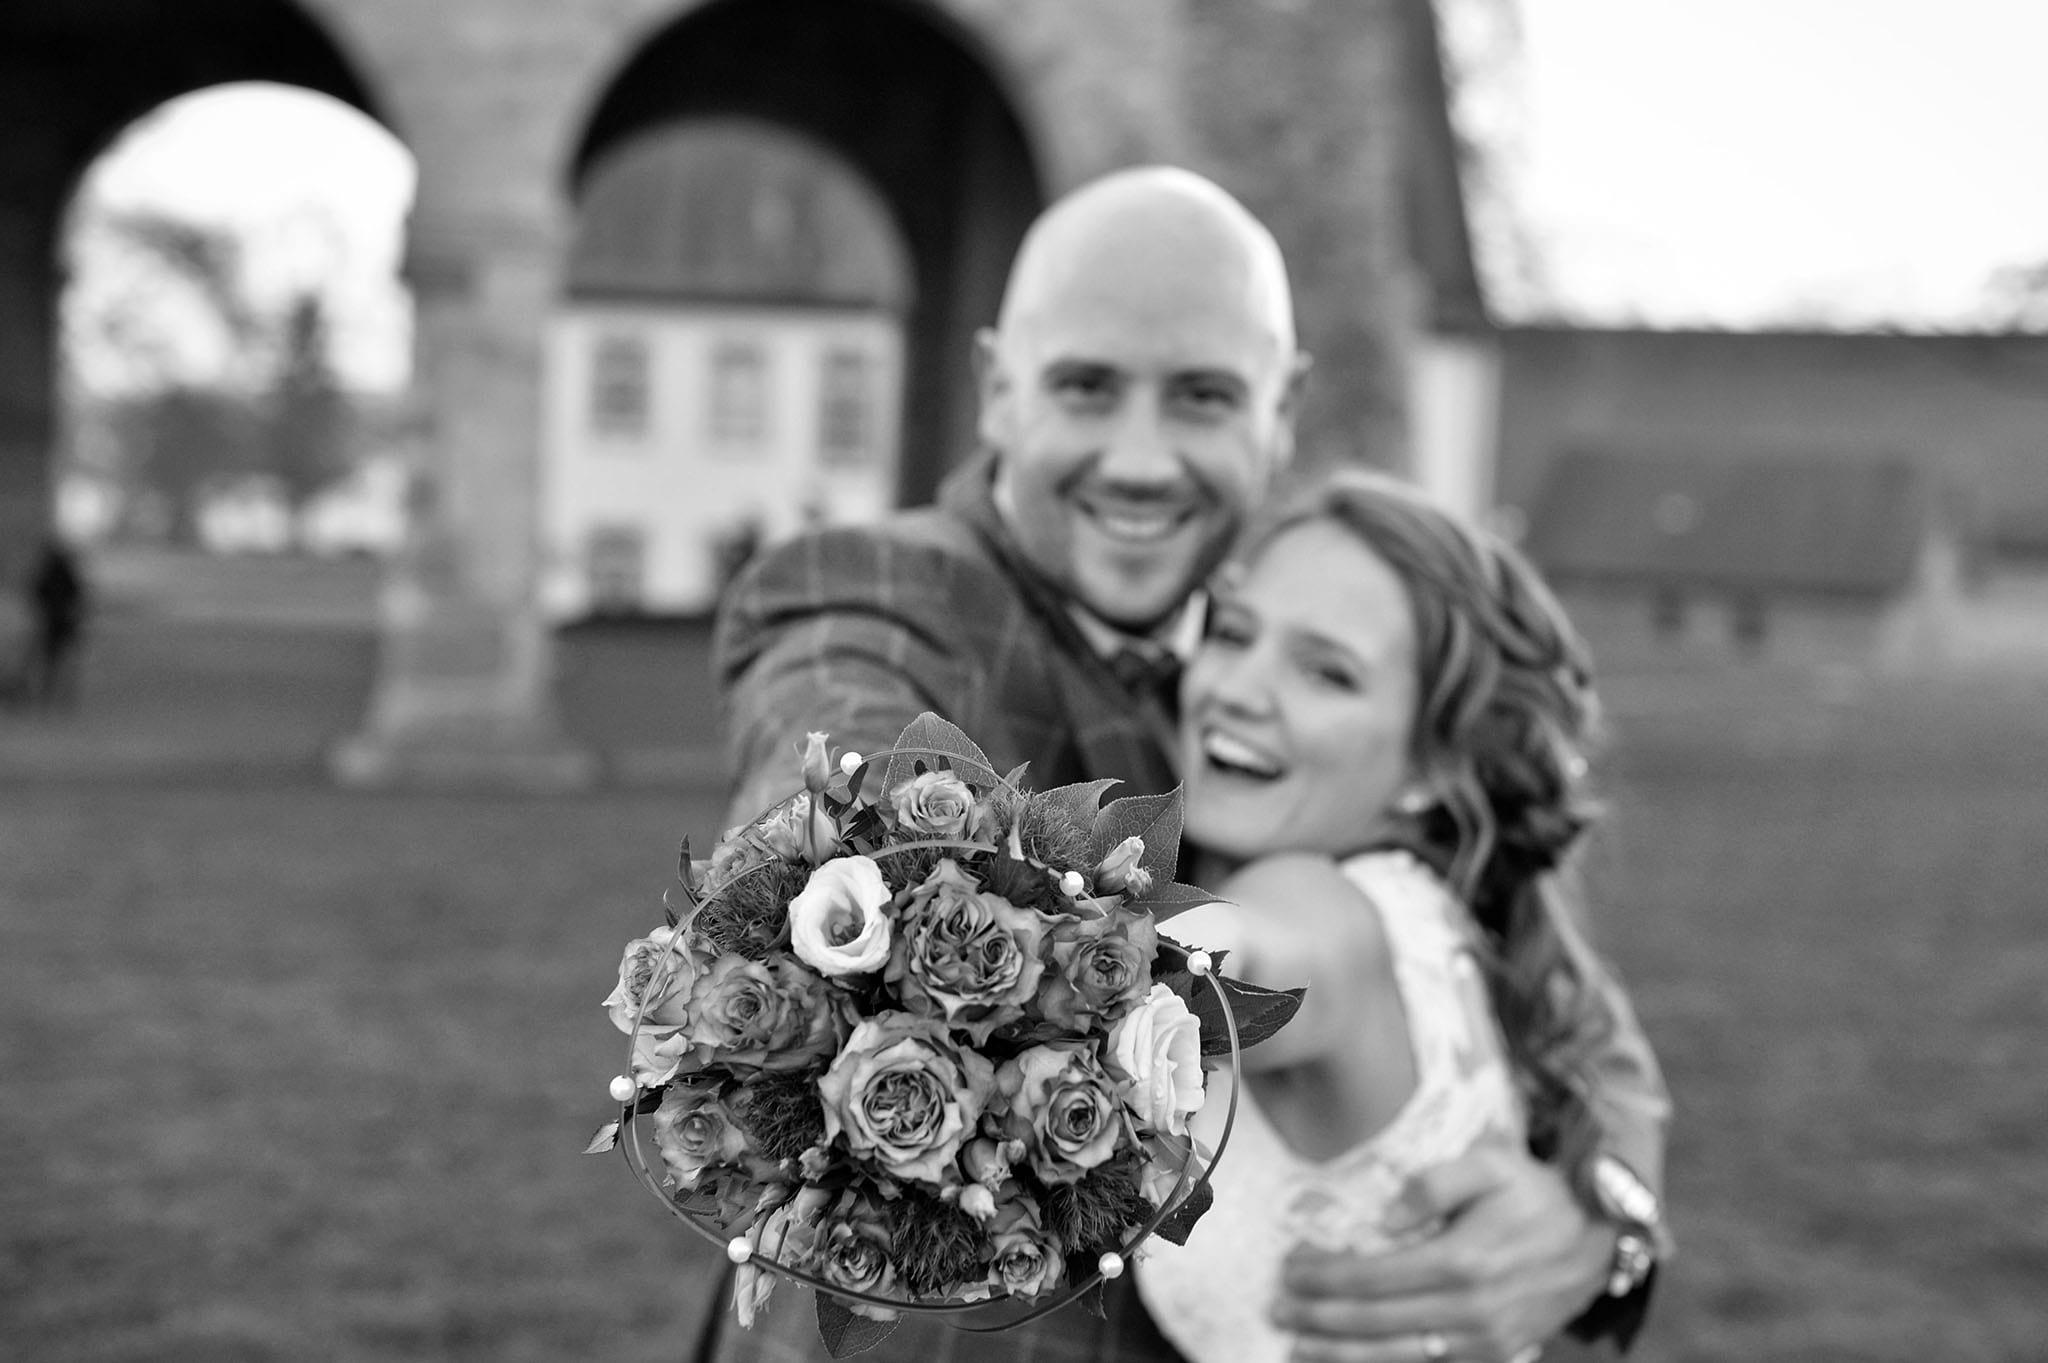 Hochzeit 011 Brautpaar Hochzeit heiraten Foto fotografieren Bensheim Bergstraße Brautstrauß Lorsch Ja-Wort Hochzeitsfoto Daniel Fuss Fotografie